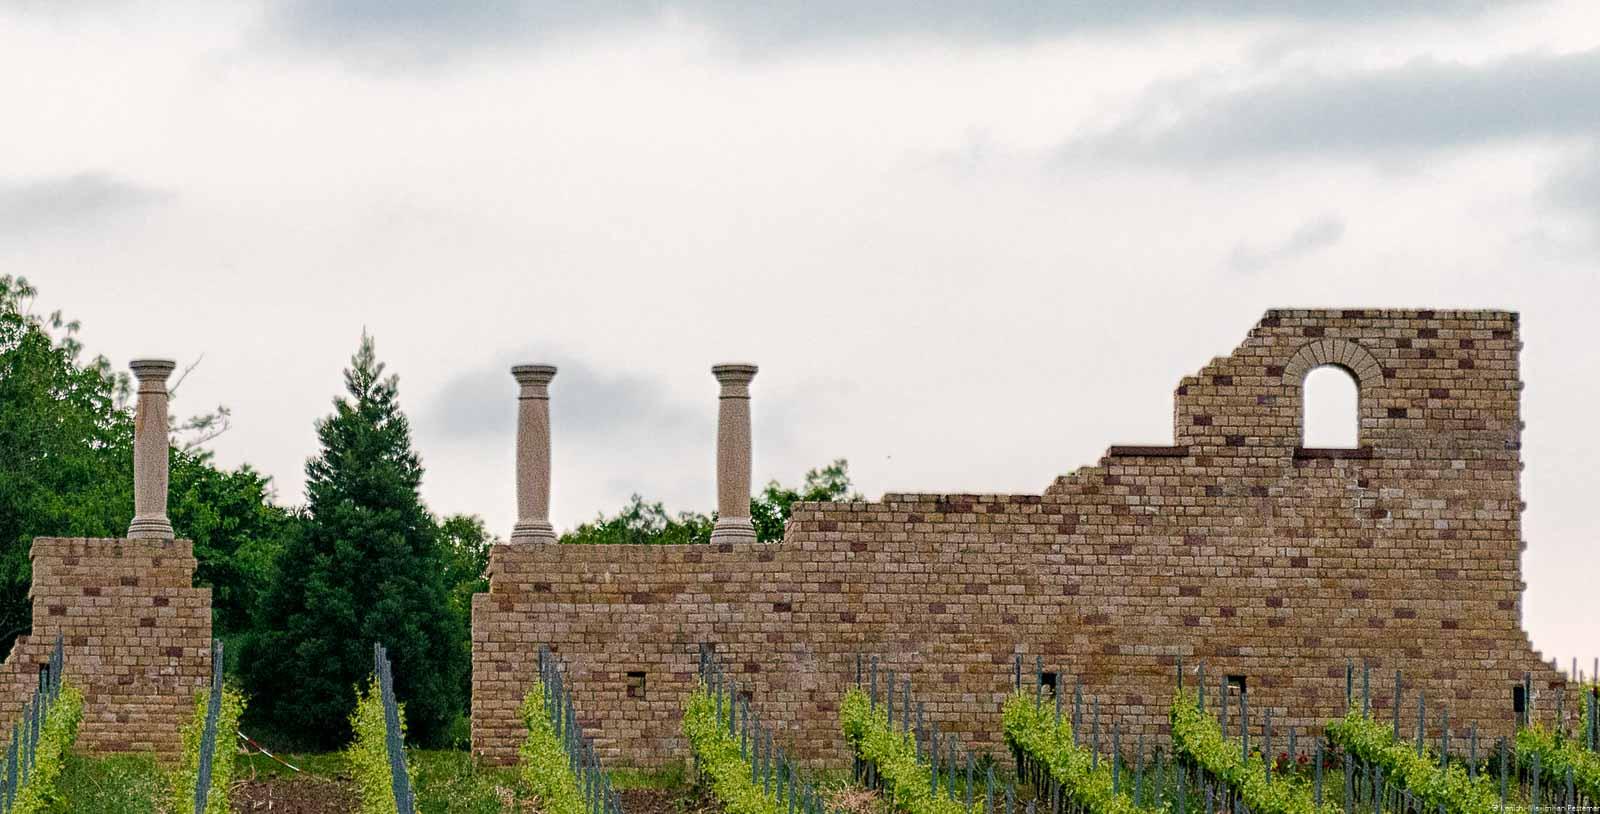 Ruinen von altem römischem Weingut bzw. alter Römervilla am Weilberg in der Pfalz mit Weinberg und bewölktem Himmel. Dort wurden einst vermutlichen eingige der ersten Pfalzweine hergestellt.